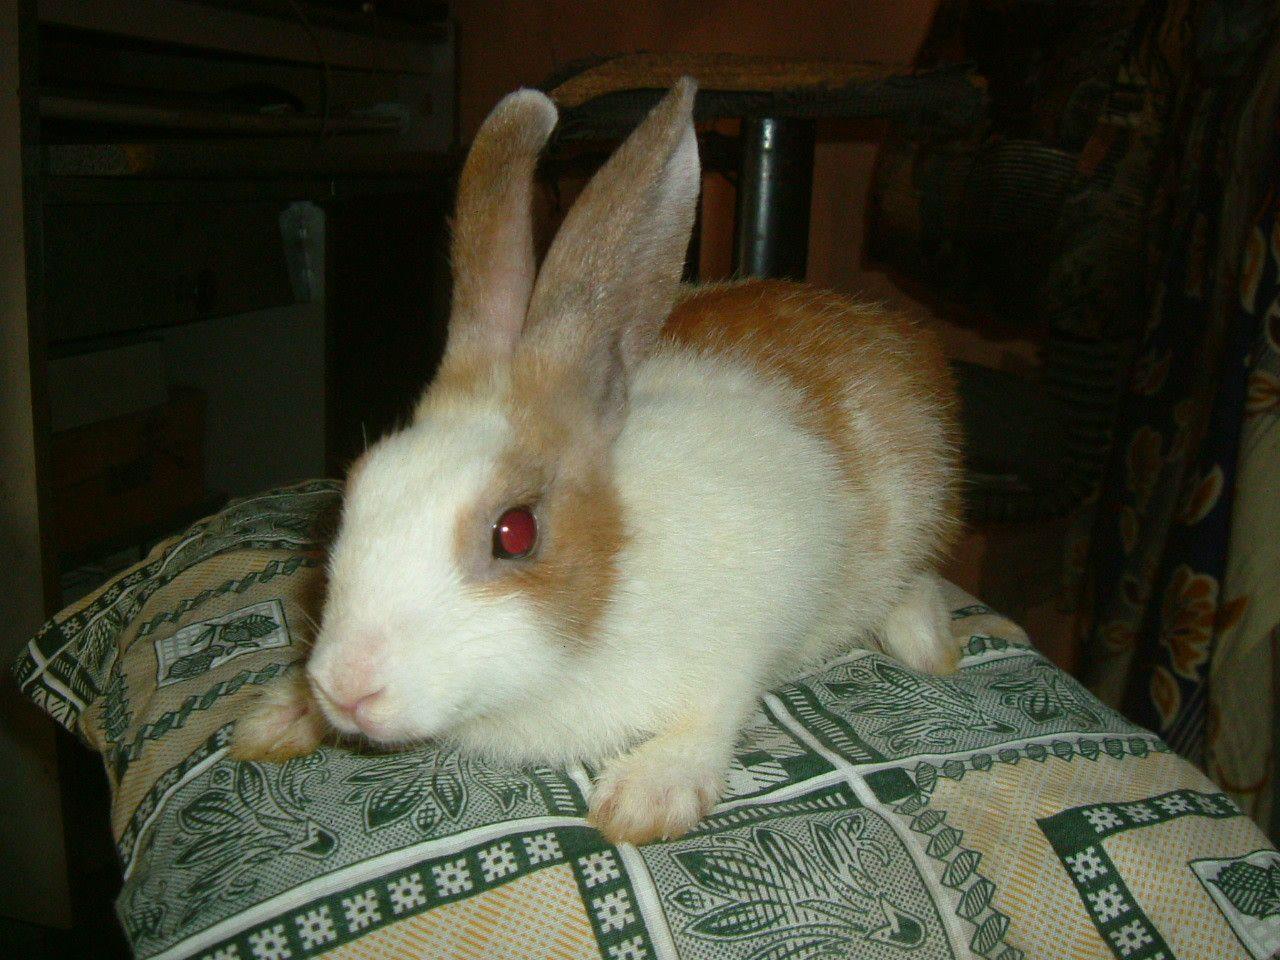 vienna marked rabbit breeding info plz help backyard chickens